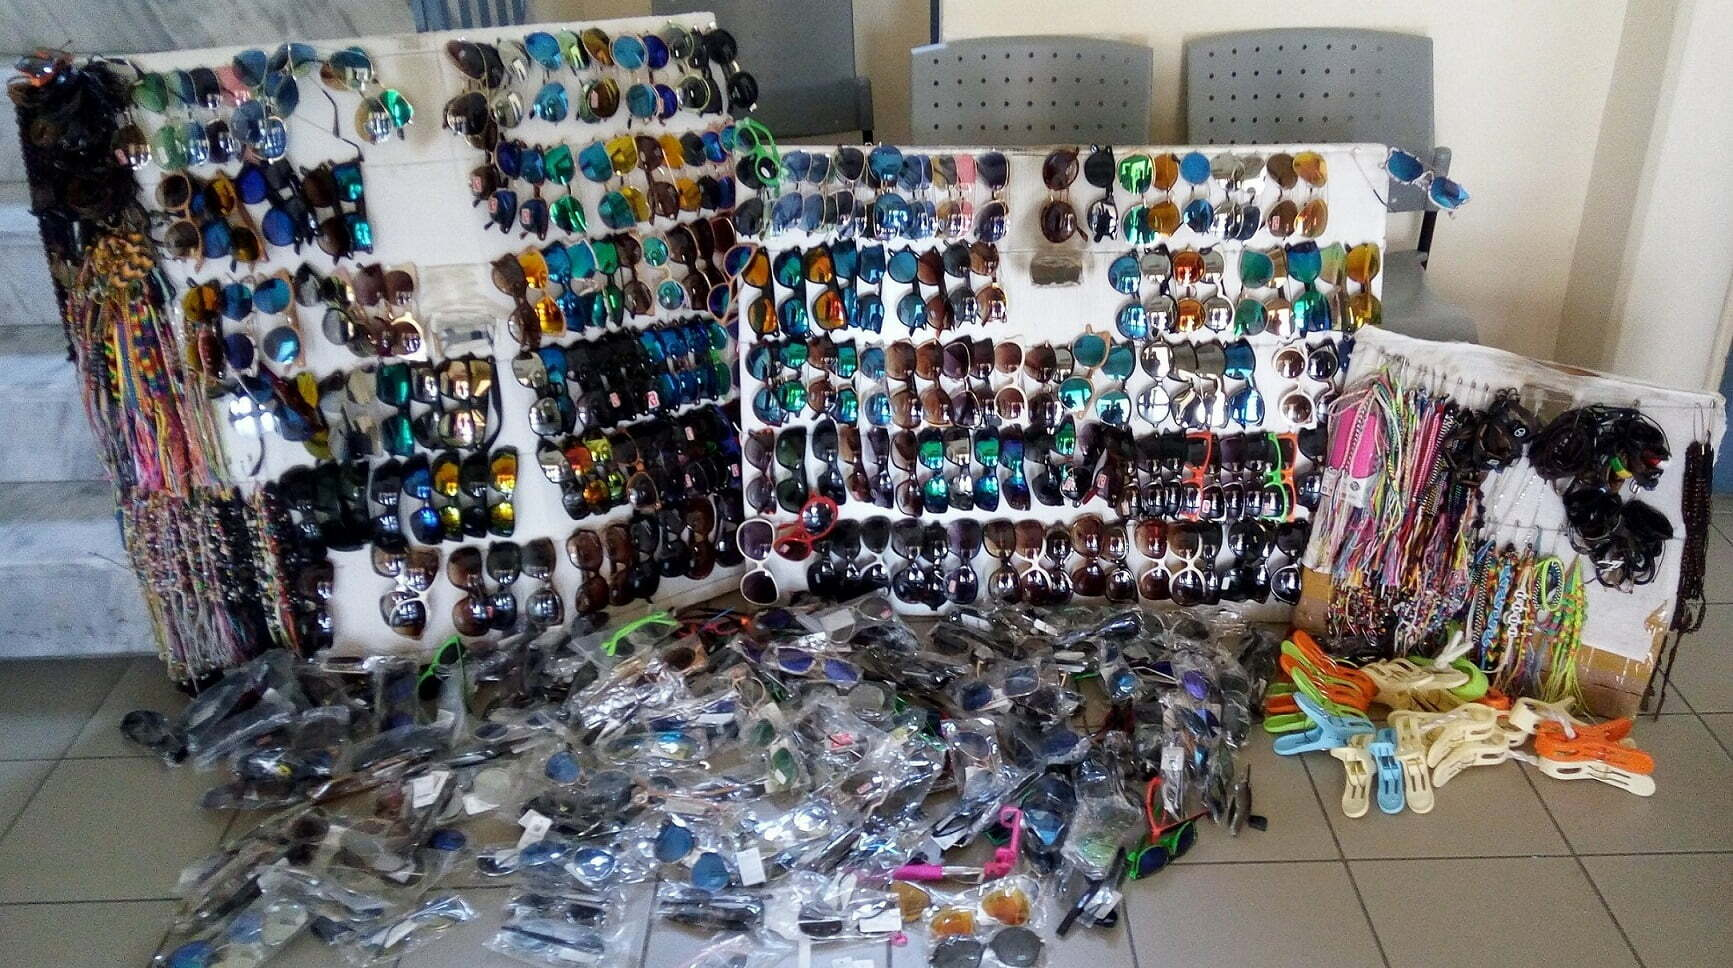 Χαλκιδική  Κατασχέθηκαν πάνω από 4.500 προϊόντα παρεμπορίου (ΦΩΤΟ) - Page  810 of 7712 - Karfitsa.gr 7c82ae28fad